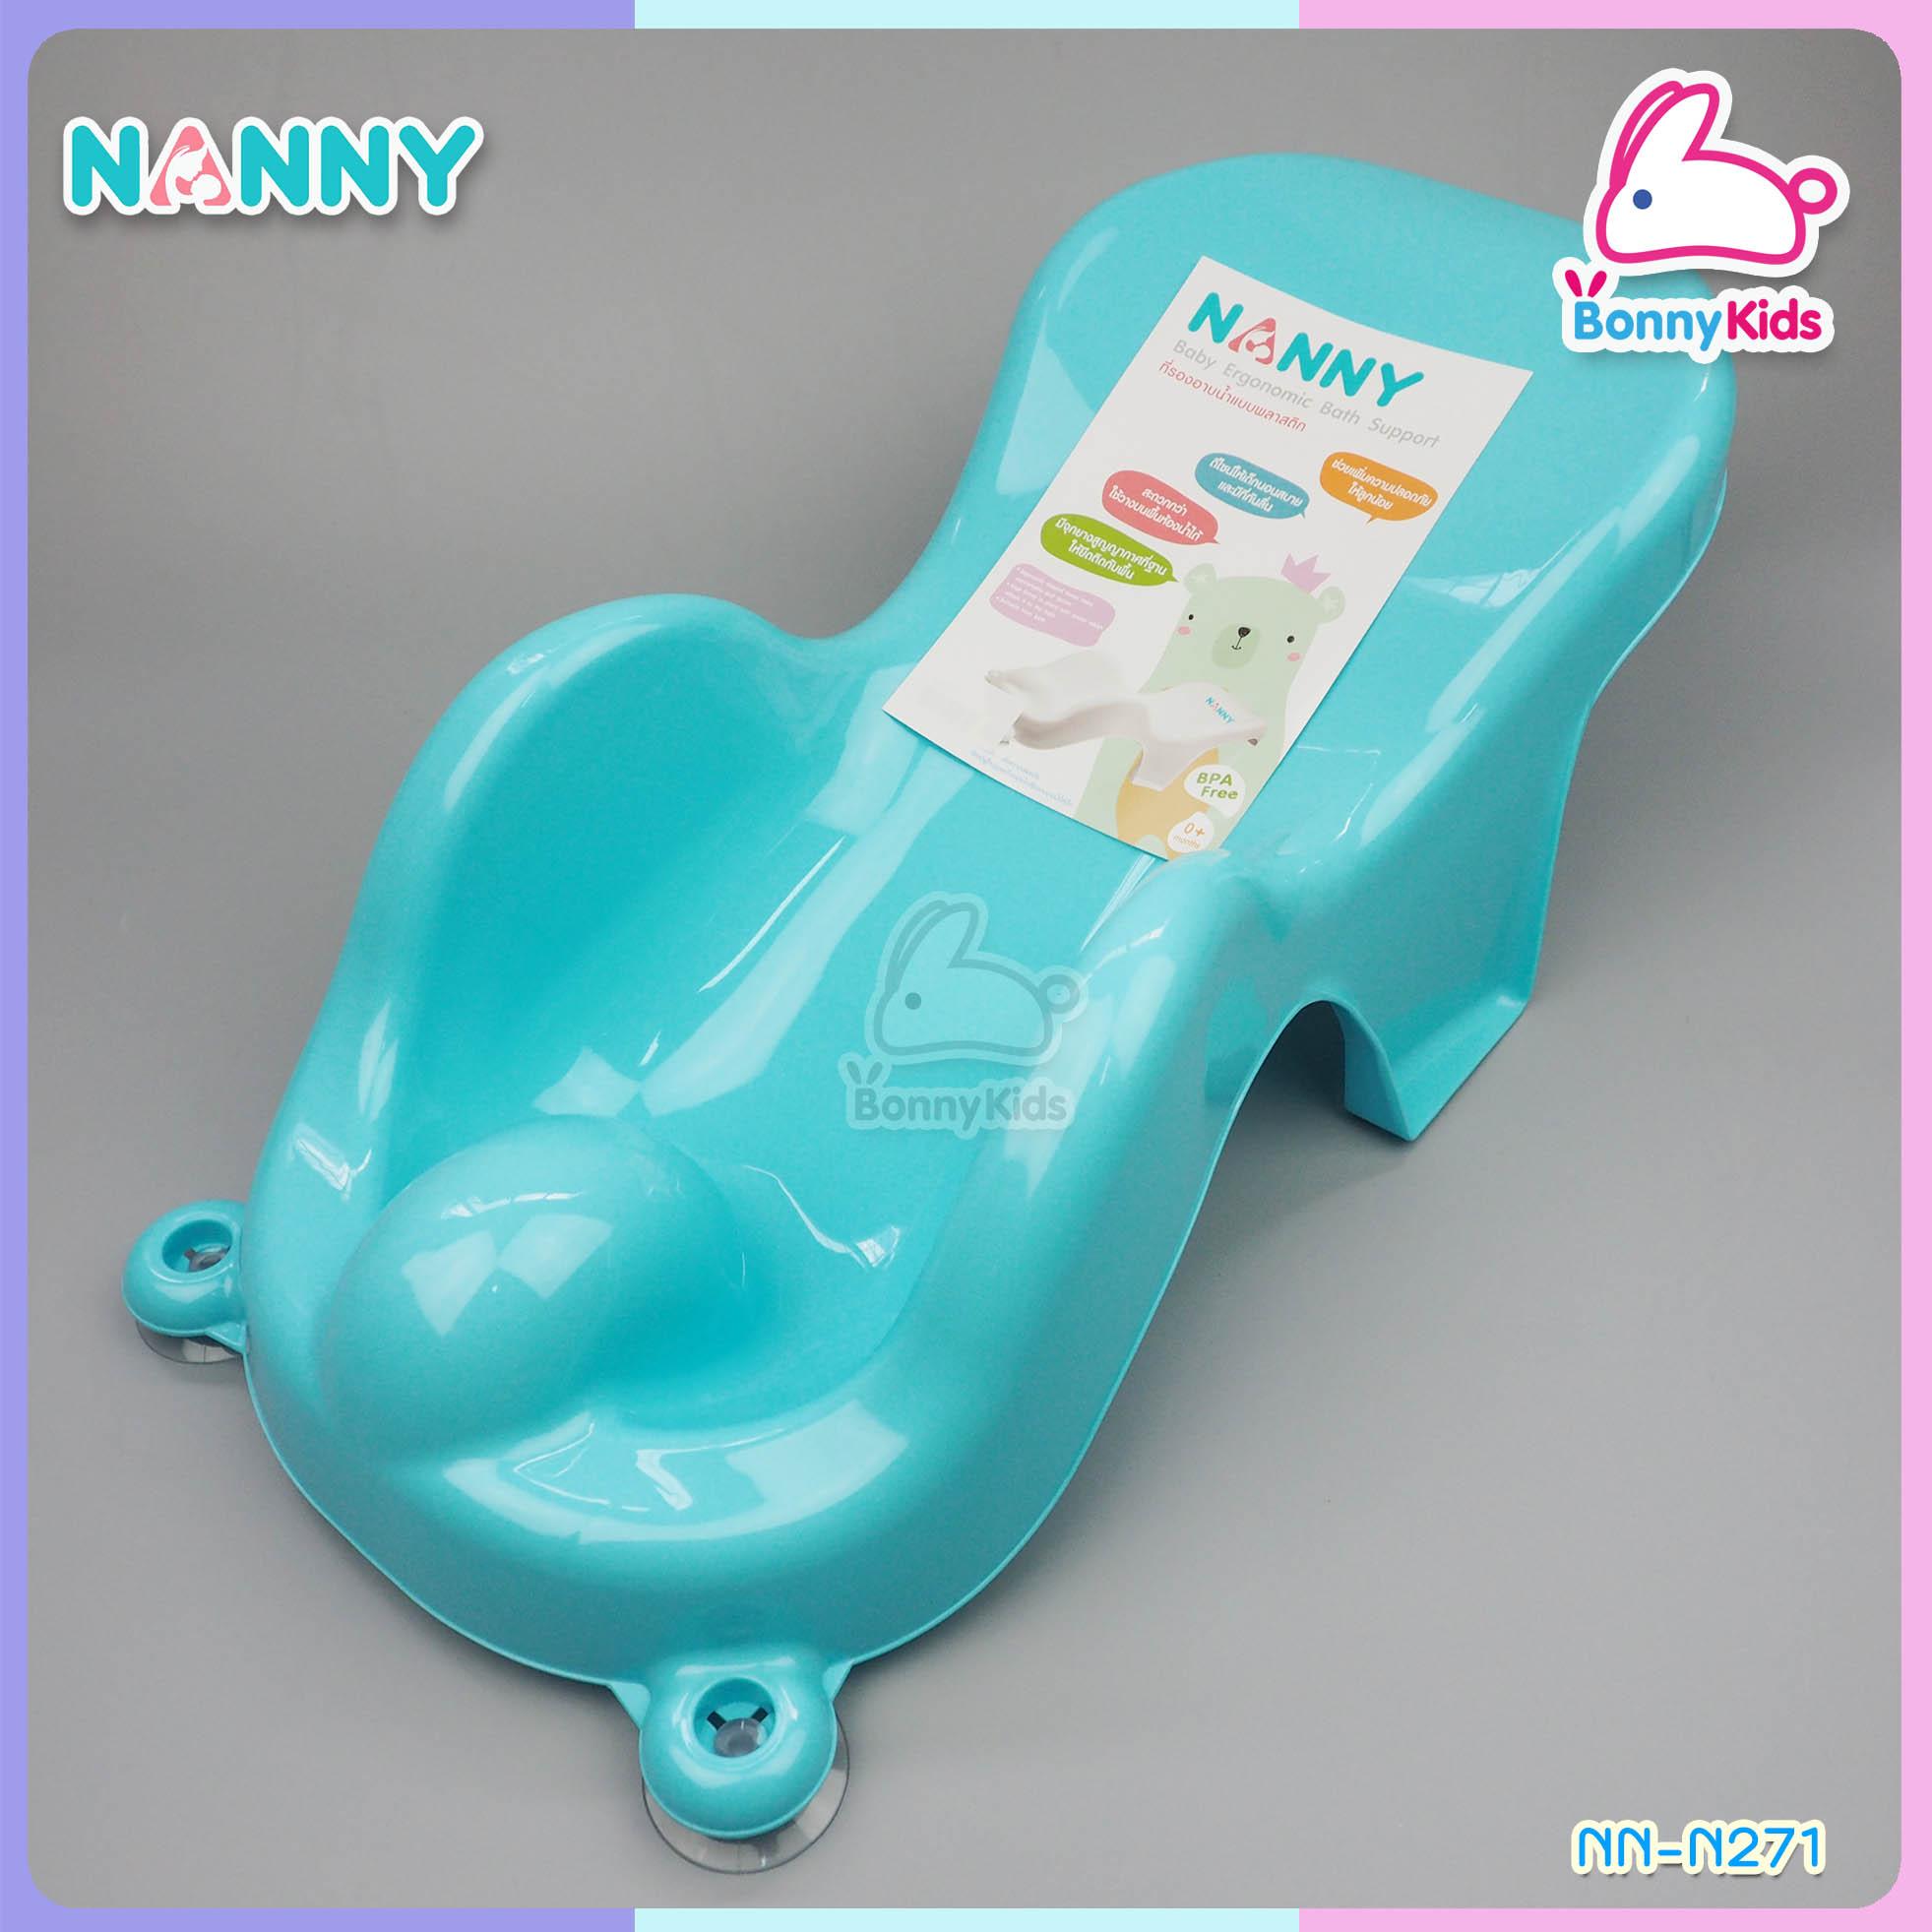 เก้าอี้รองอาบน้ำเด็กทารก NANNY